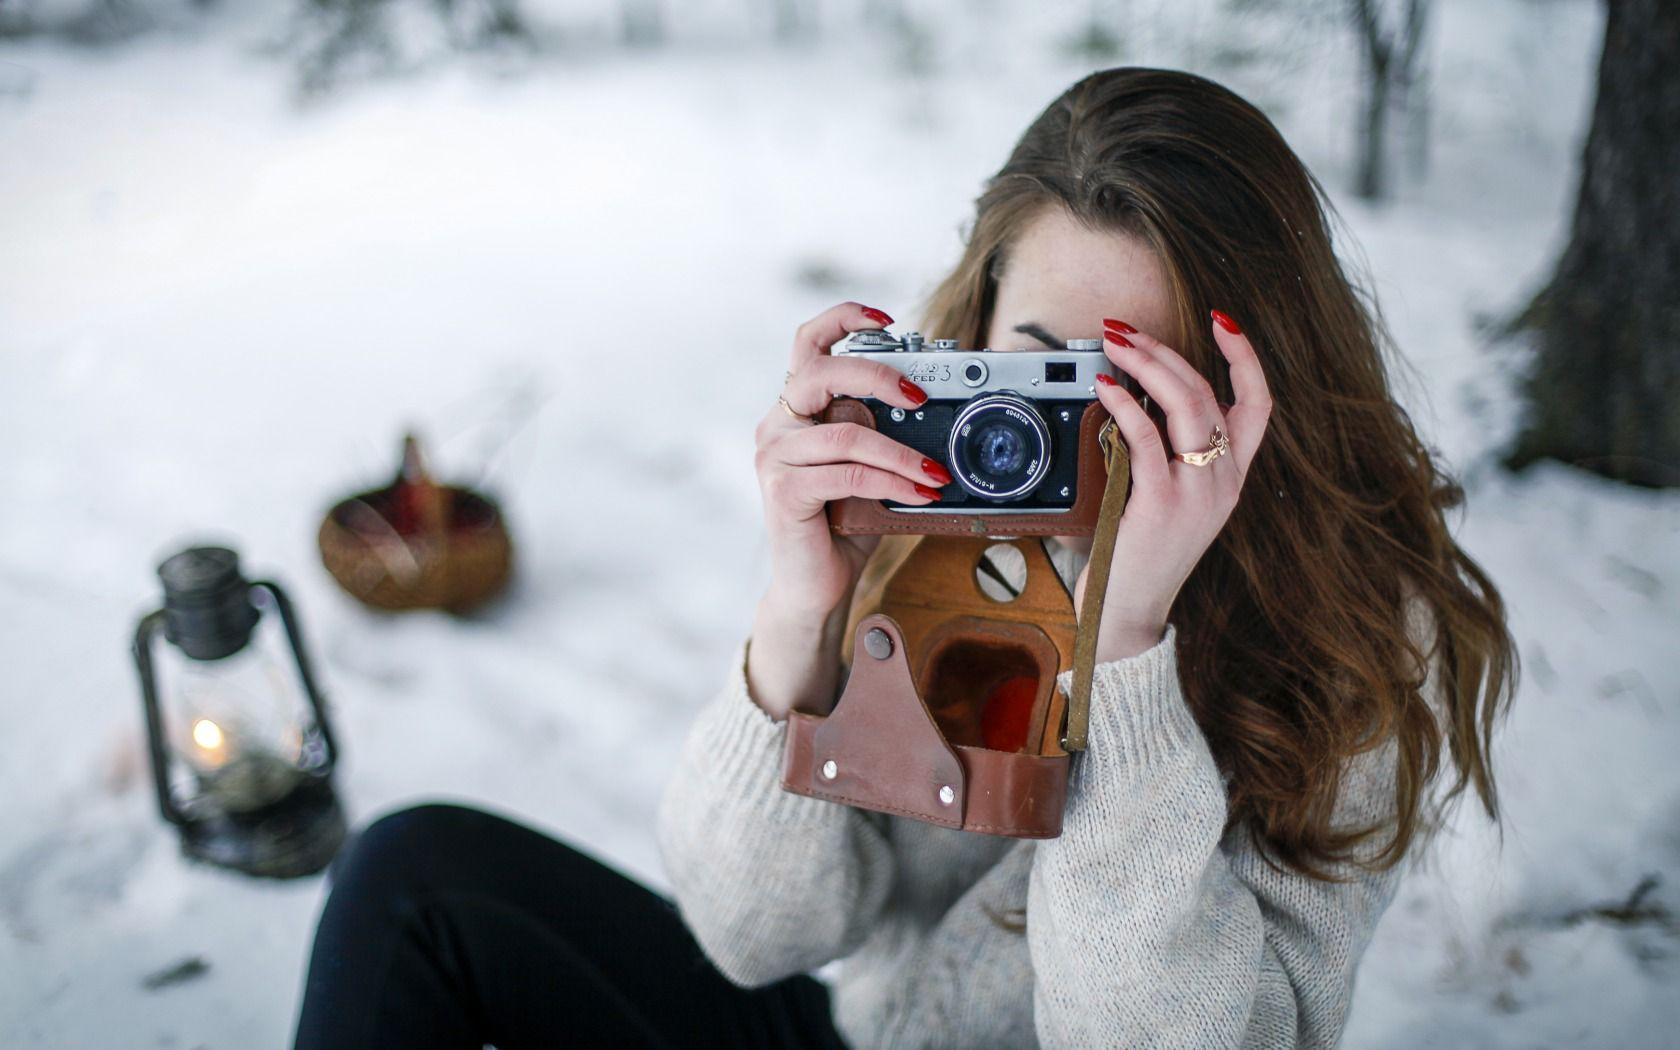 работа с зеркальной фотокамерой на морозе нижнего яруса, выстриженные